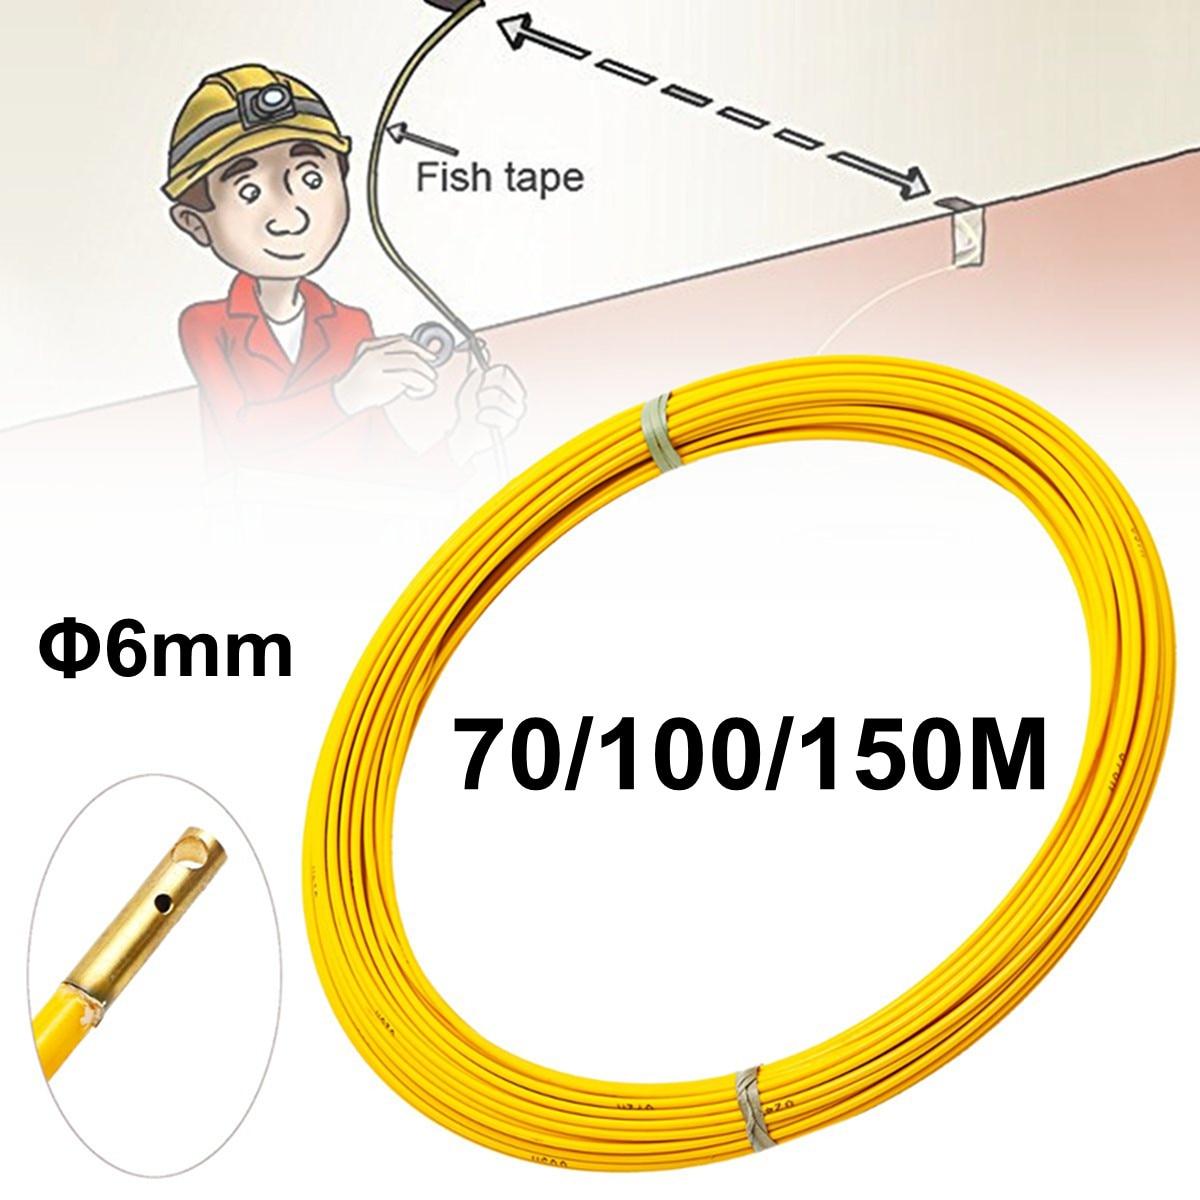 Fibre de verre câble extracteur fil poisson ruban Conduit Conduit Conduit jaune équipement électrique accessoires de câblage 6mm 70/100/150 m